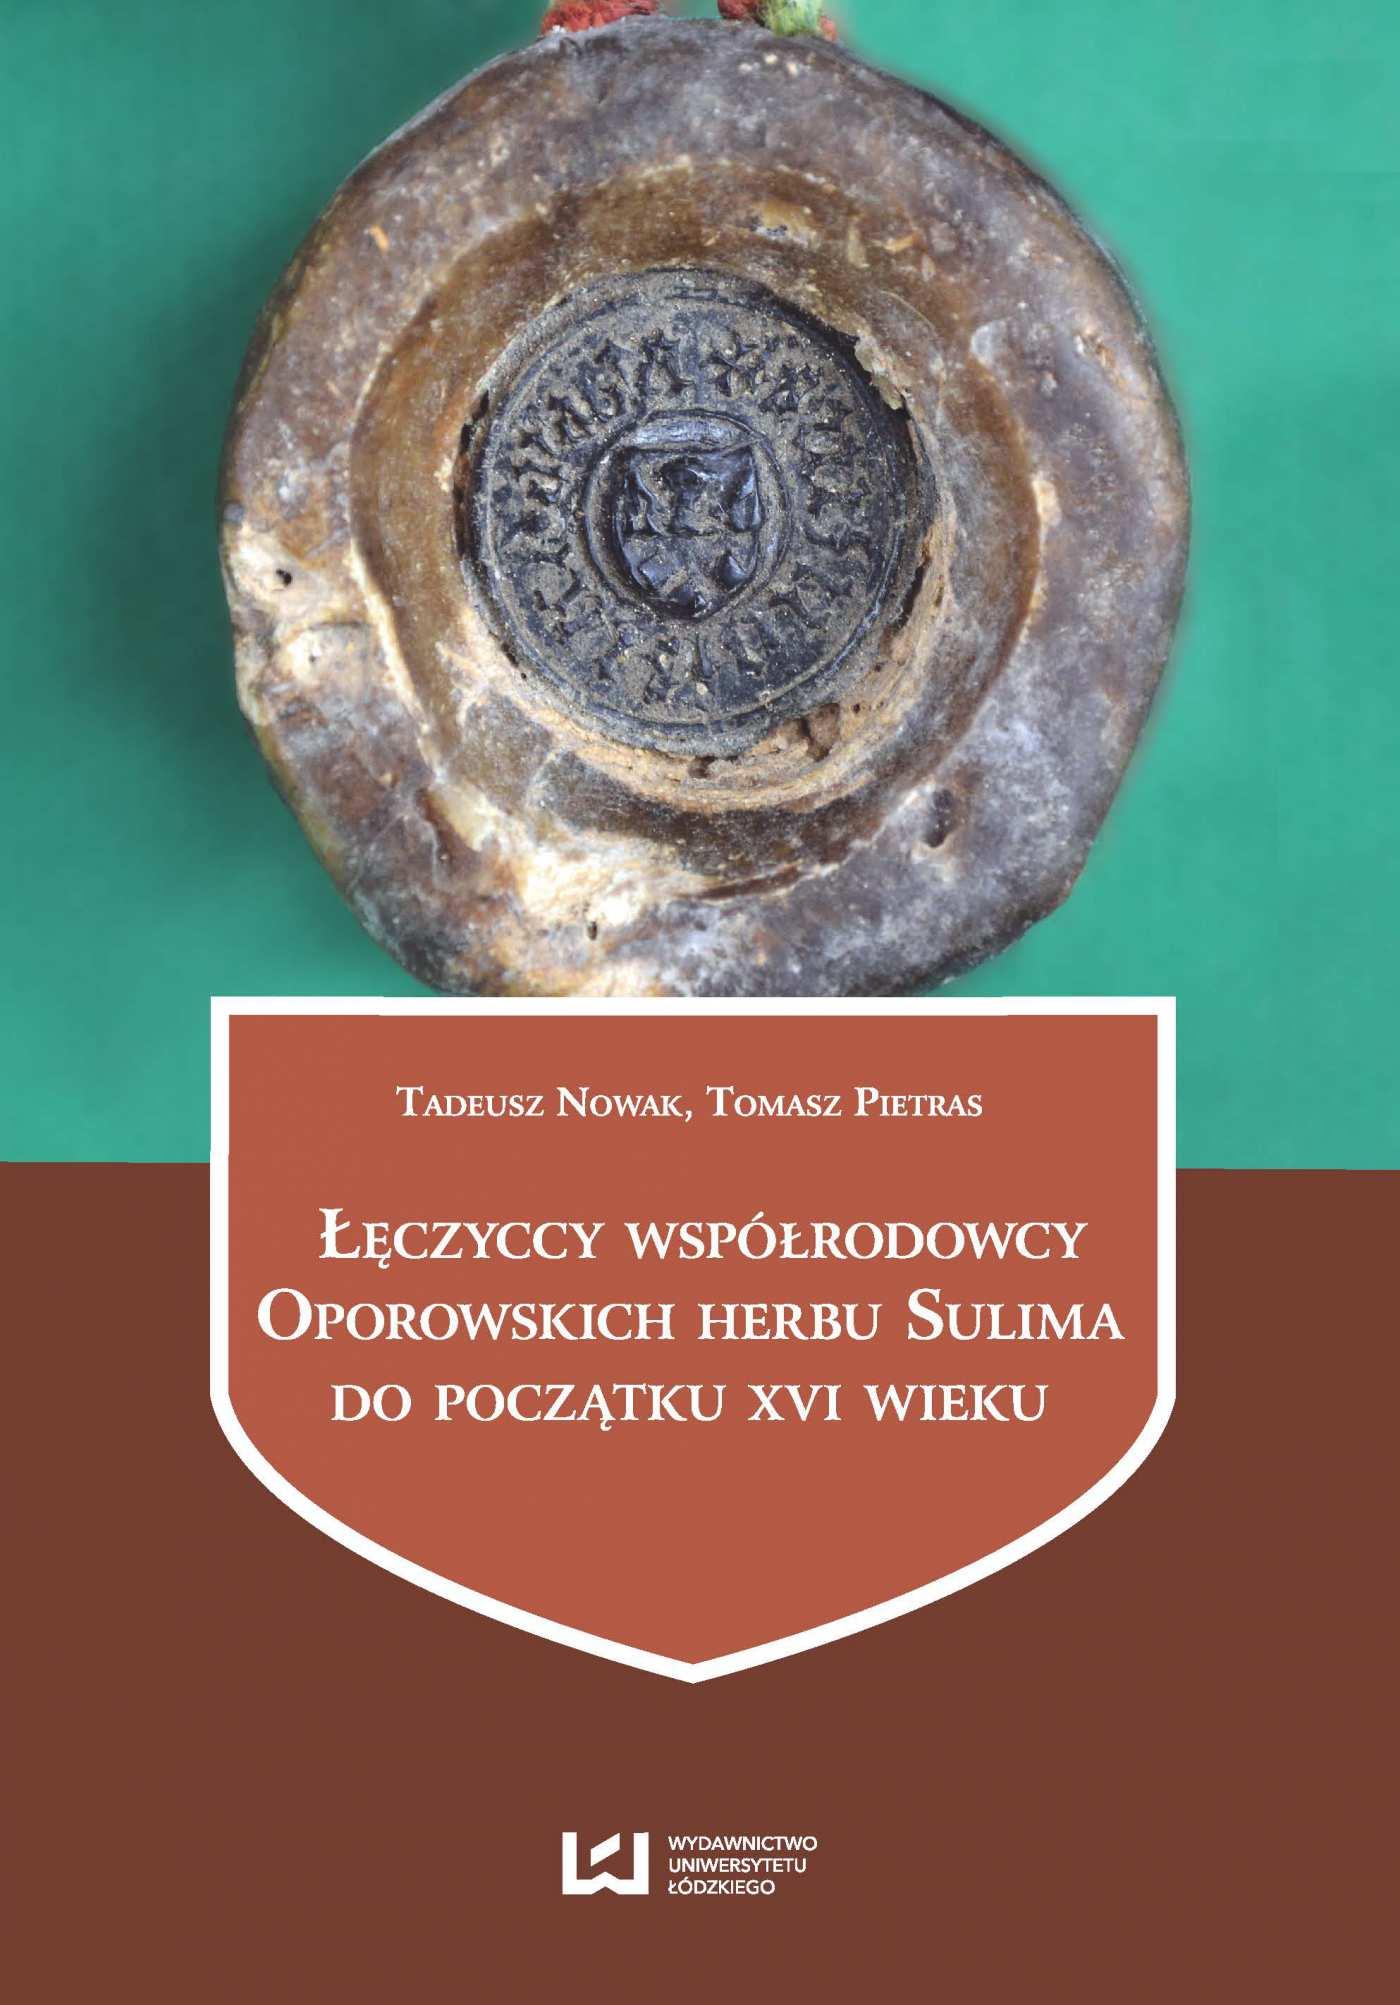 Łęczyccy współrodowcy Oporowskich herbu Sulima do początku XVI wieku - Ebook (Książka PDF) do pobrania w formacie PDF